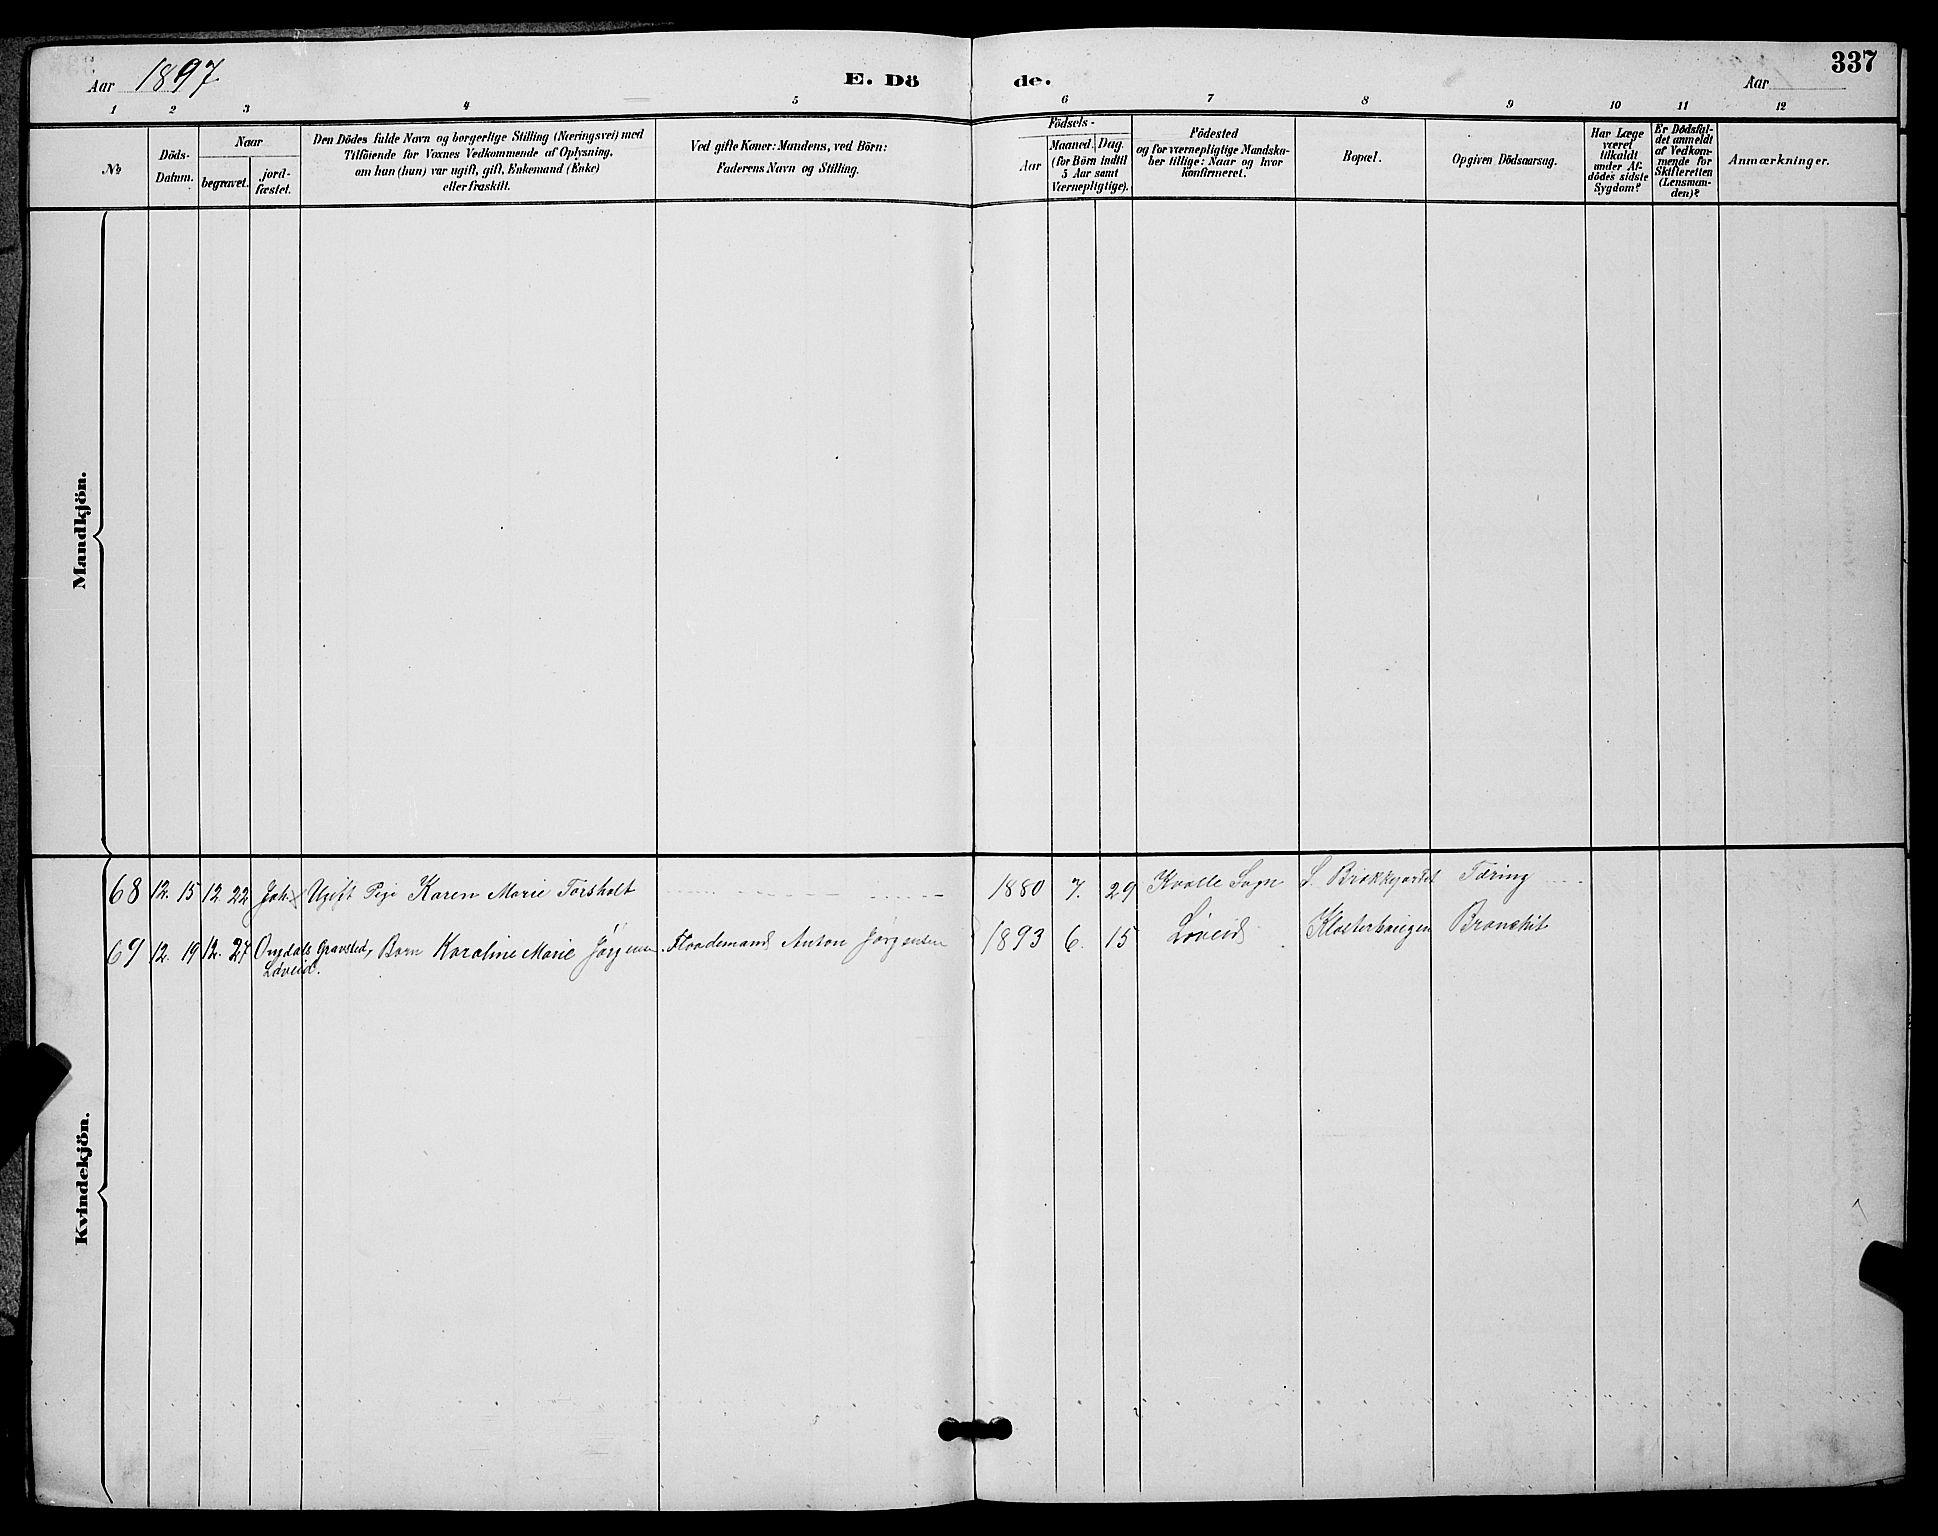 SAKO, Skien kirkebøker, G/Ga/L0007: Klokkerbok nr. 7, 1891-1900, s. 337